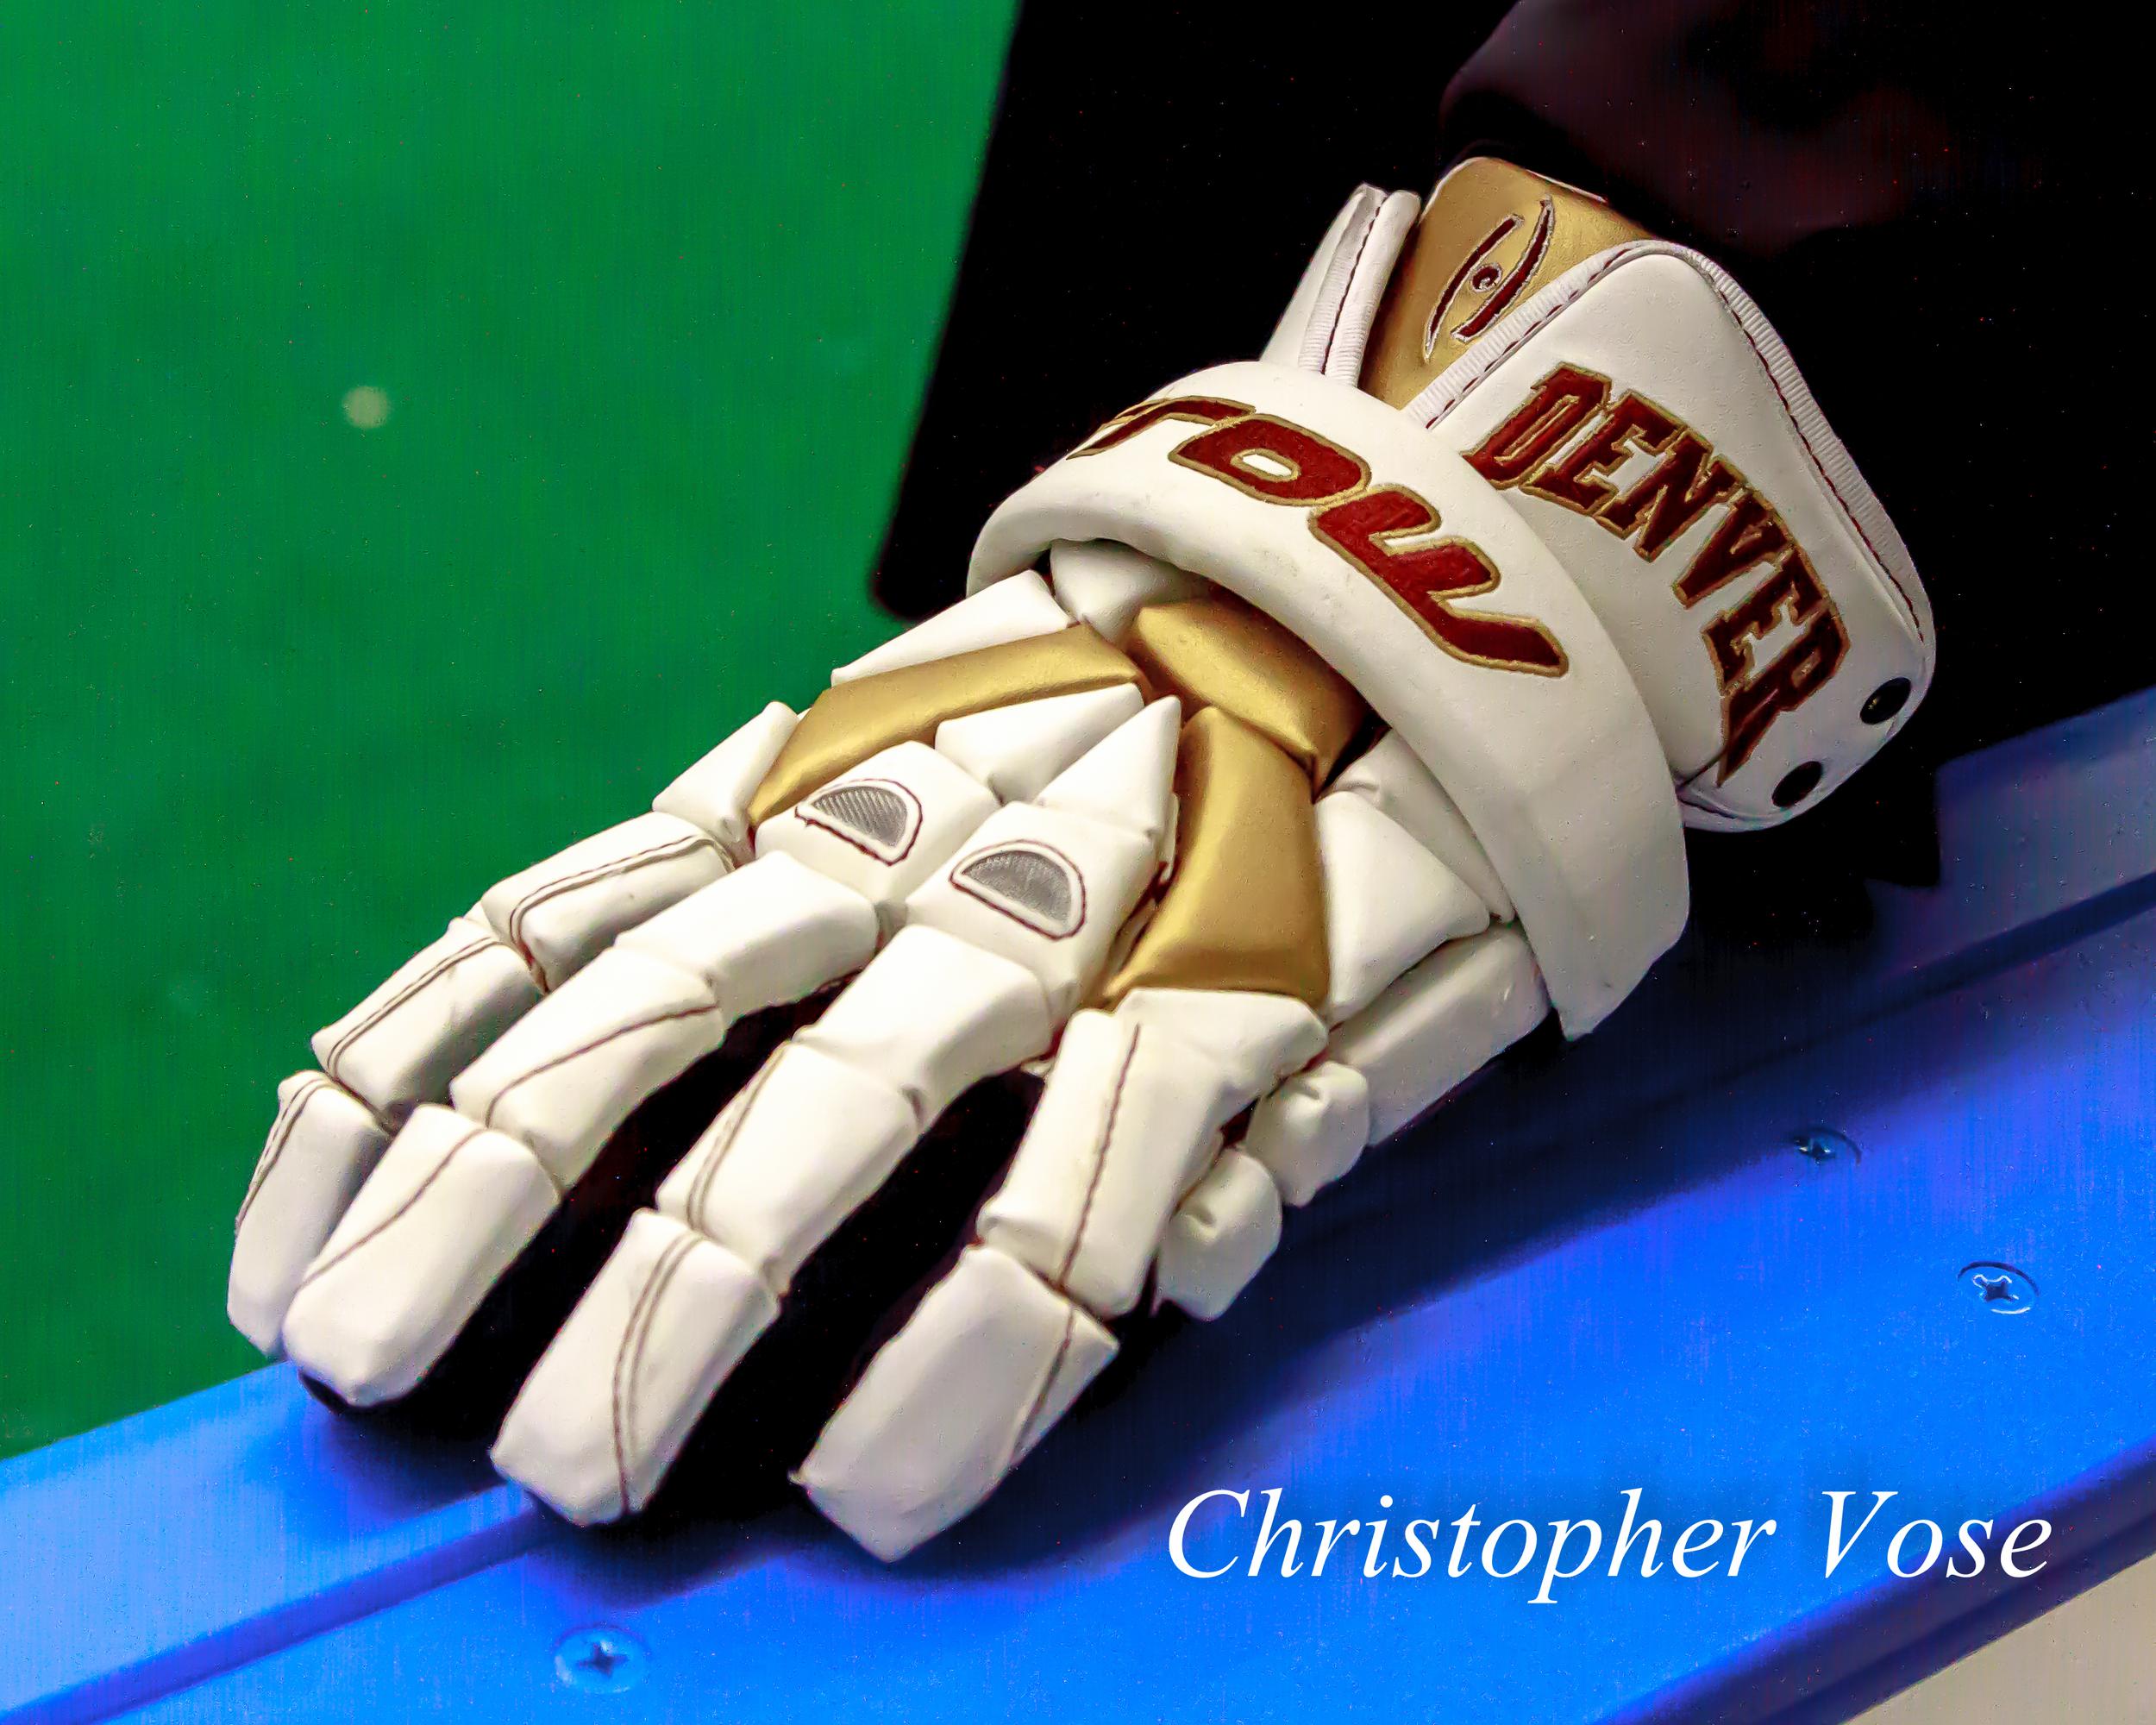 2013-12-22 Lacrosse Gloves.jpg